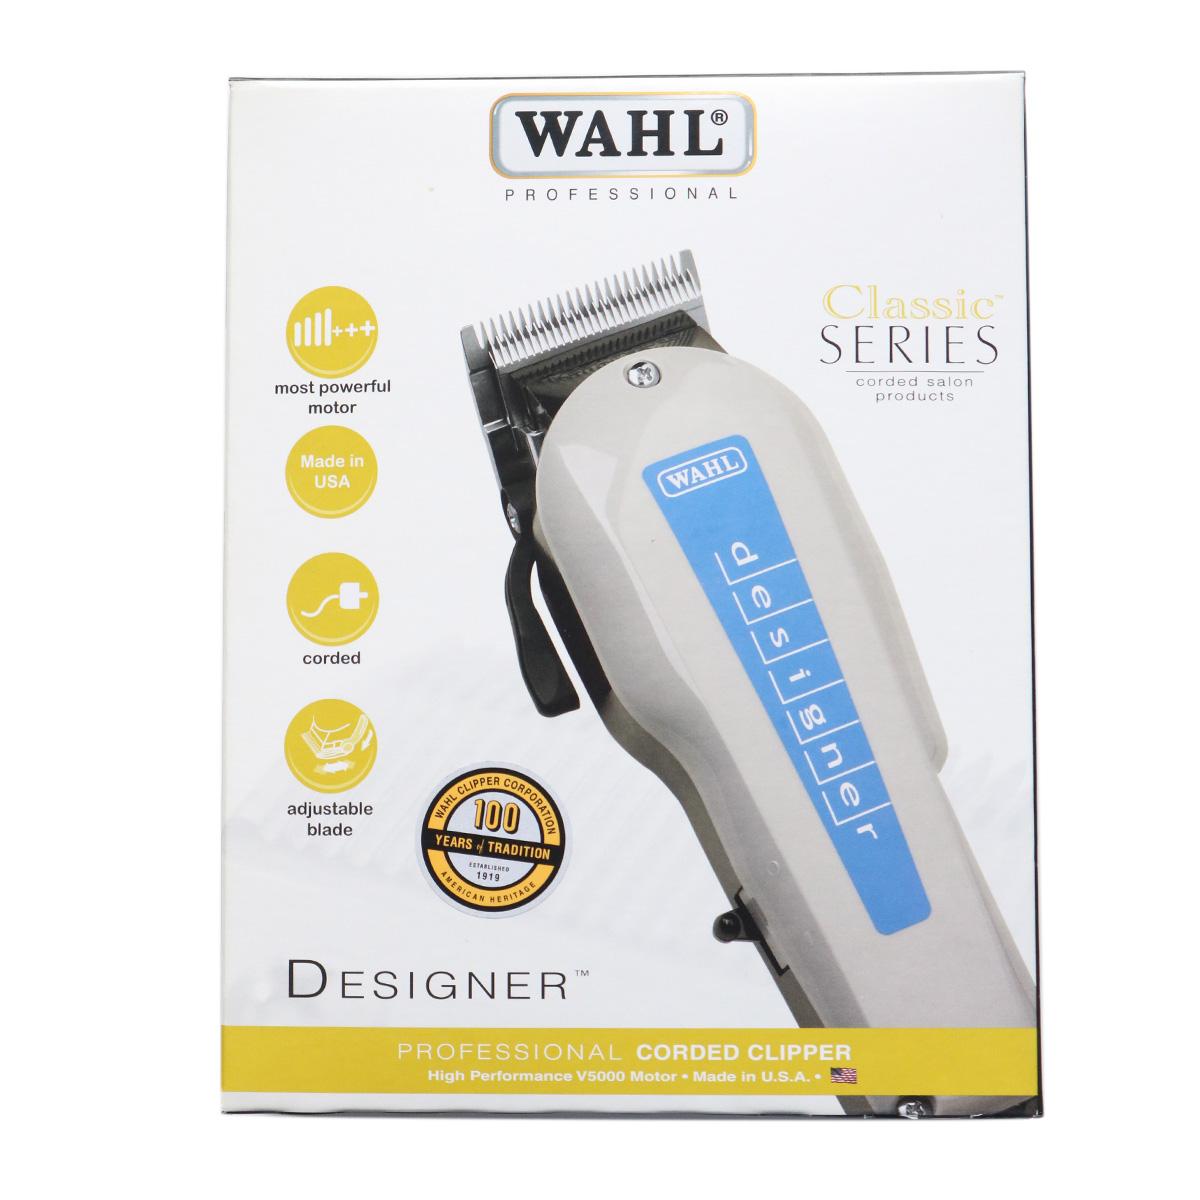 wahl-designer